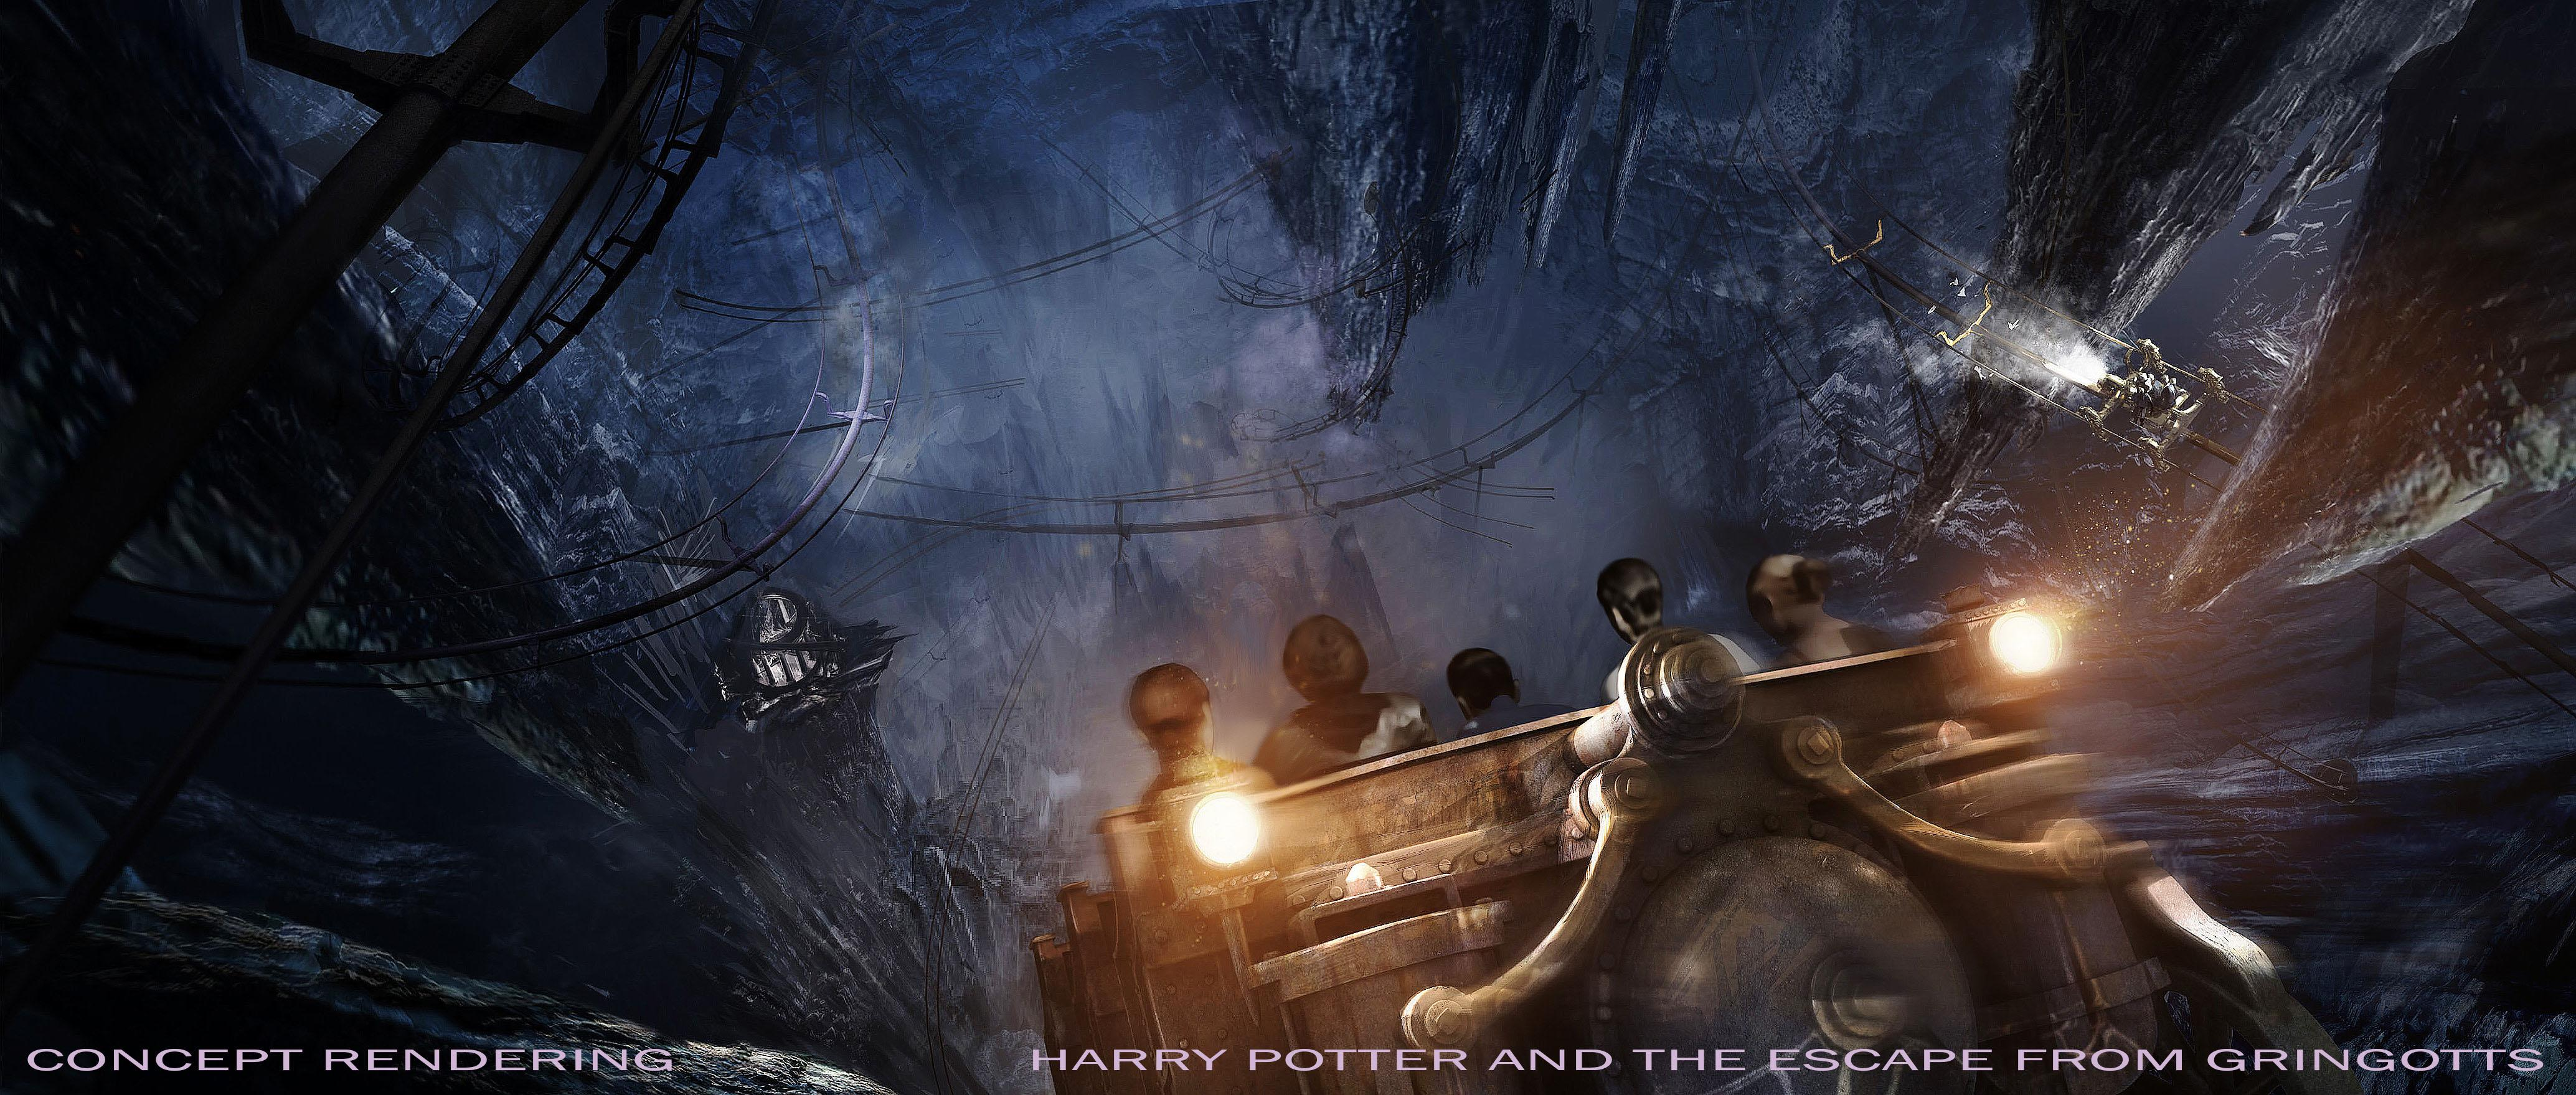 Harry Potter Escape